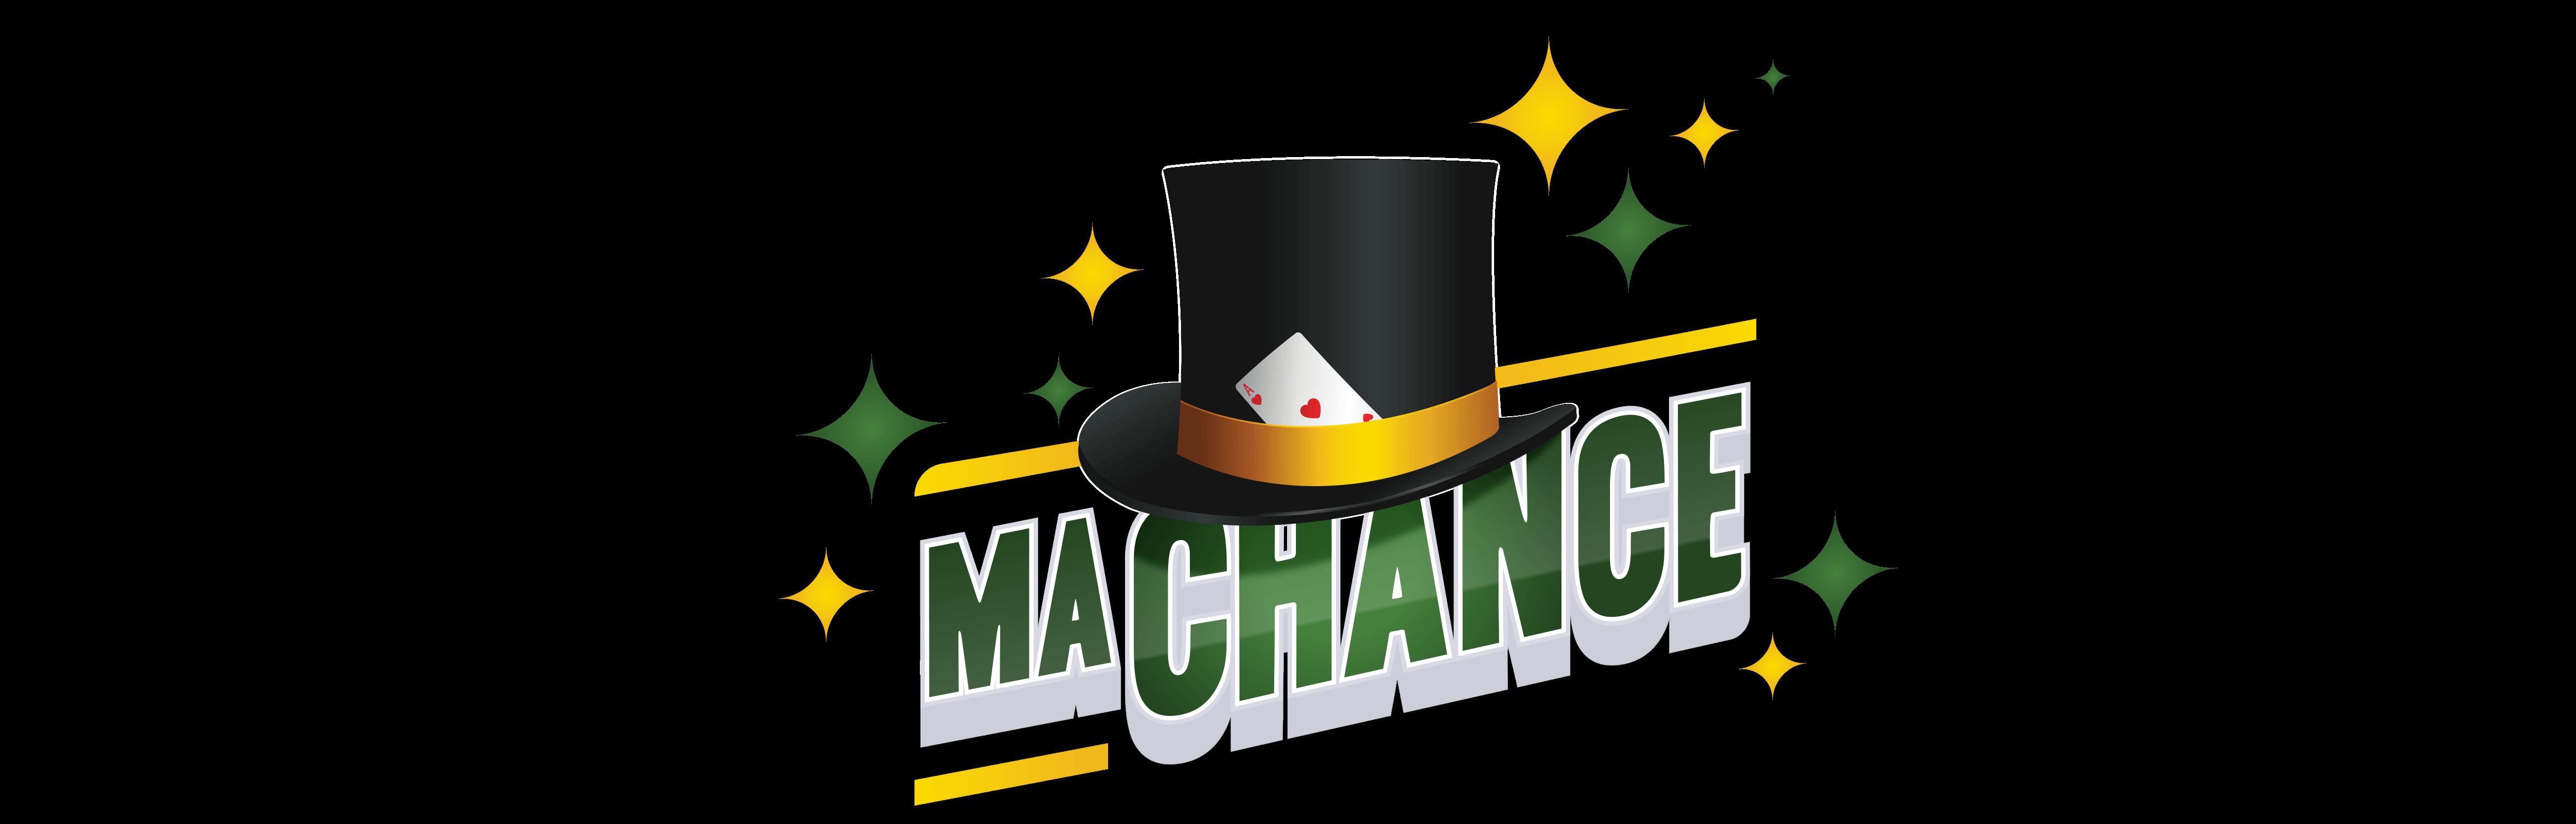 Est-ce que Machance casino en ligne est réellement intéressant ? Voici notre avis